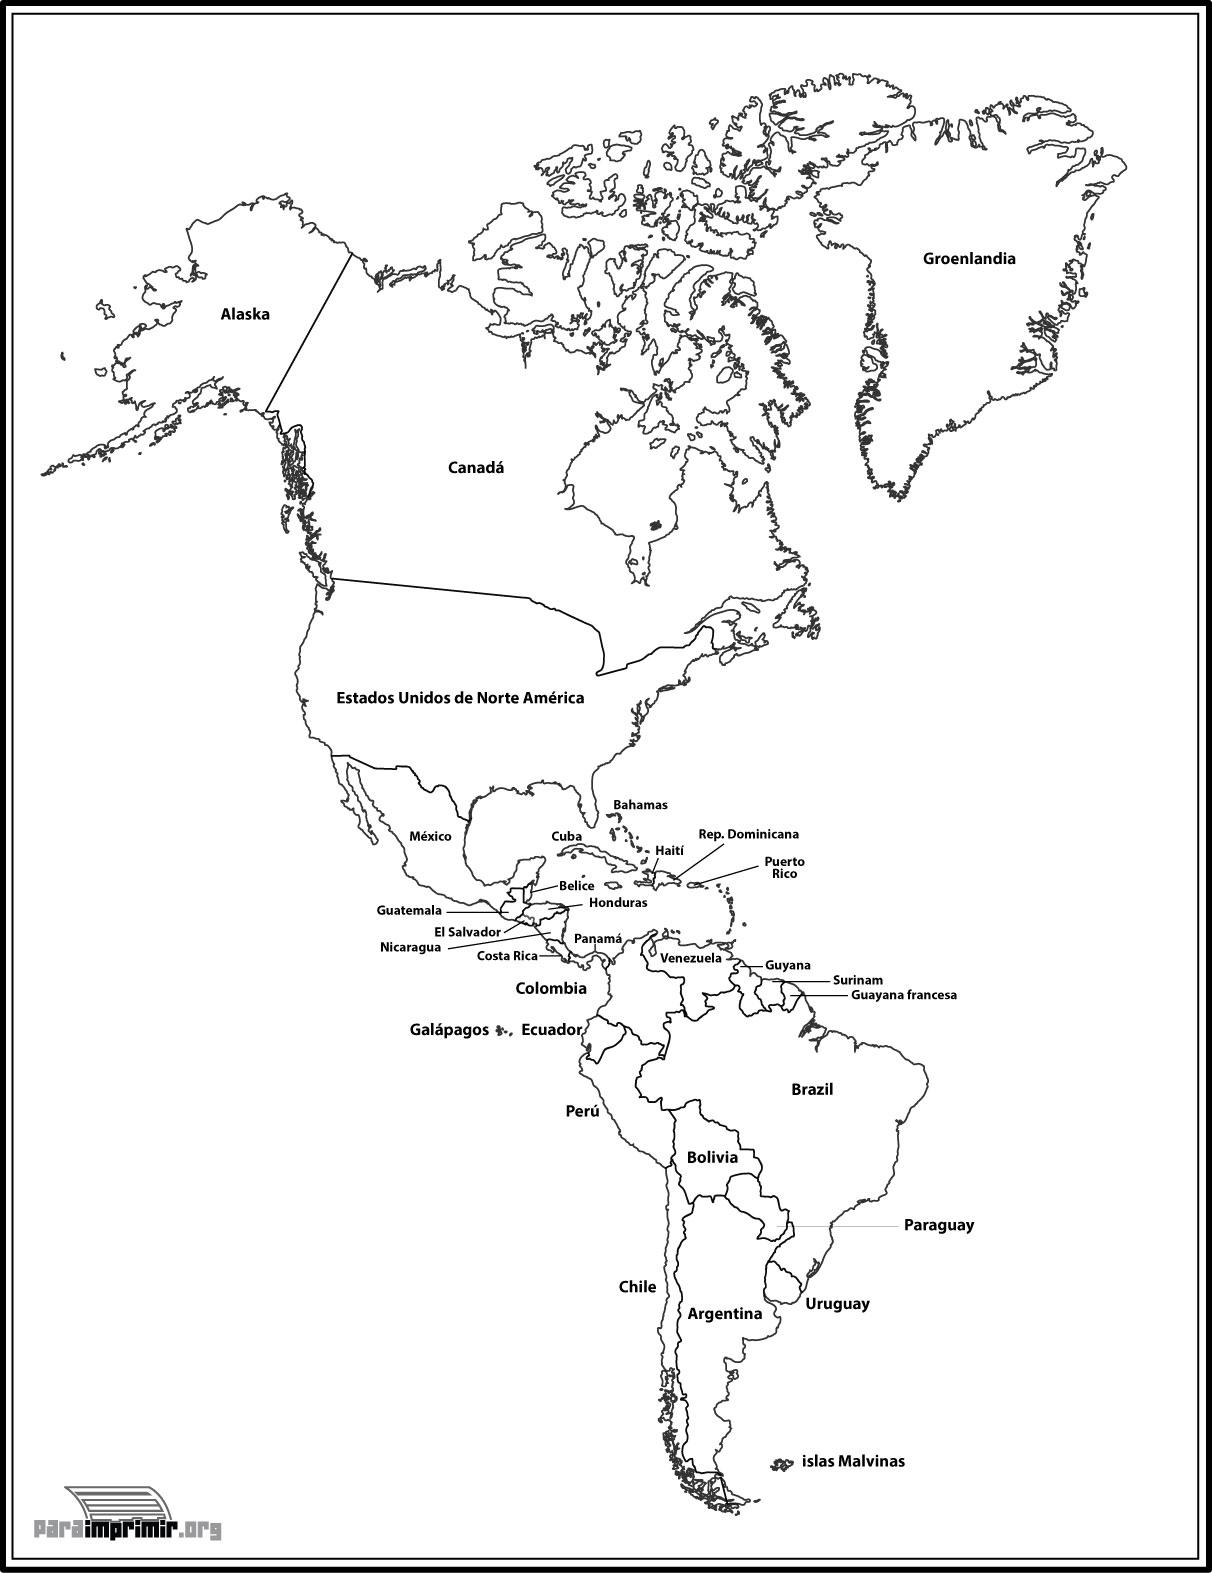 Mapa America Para Imprimir.Mapa De El Continente Americano Para Imprimir En Pdf 2020